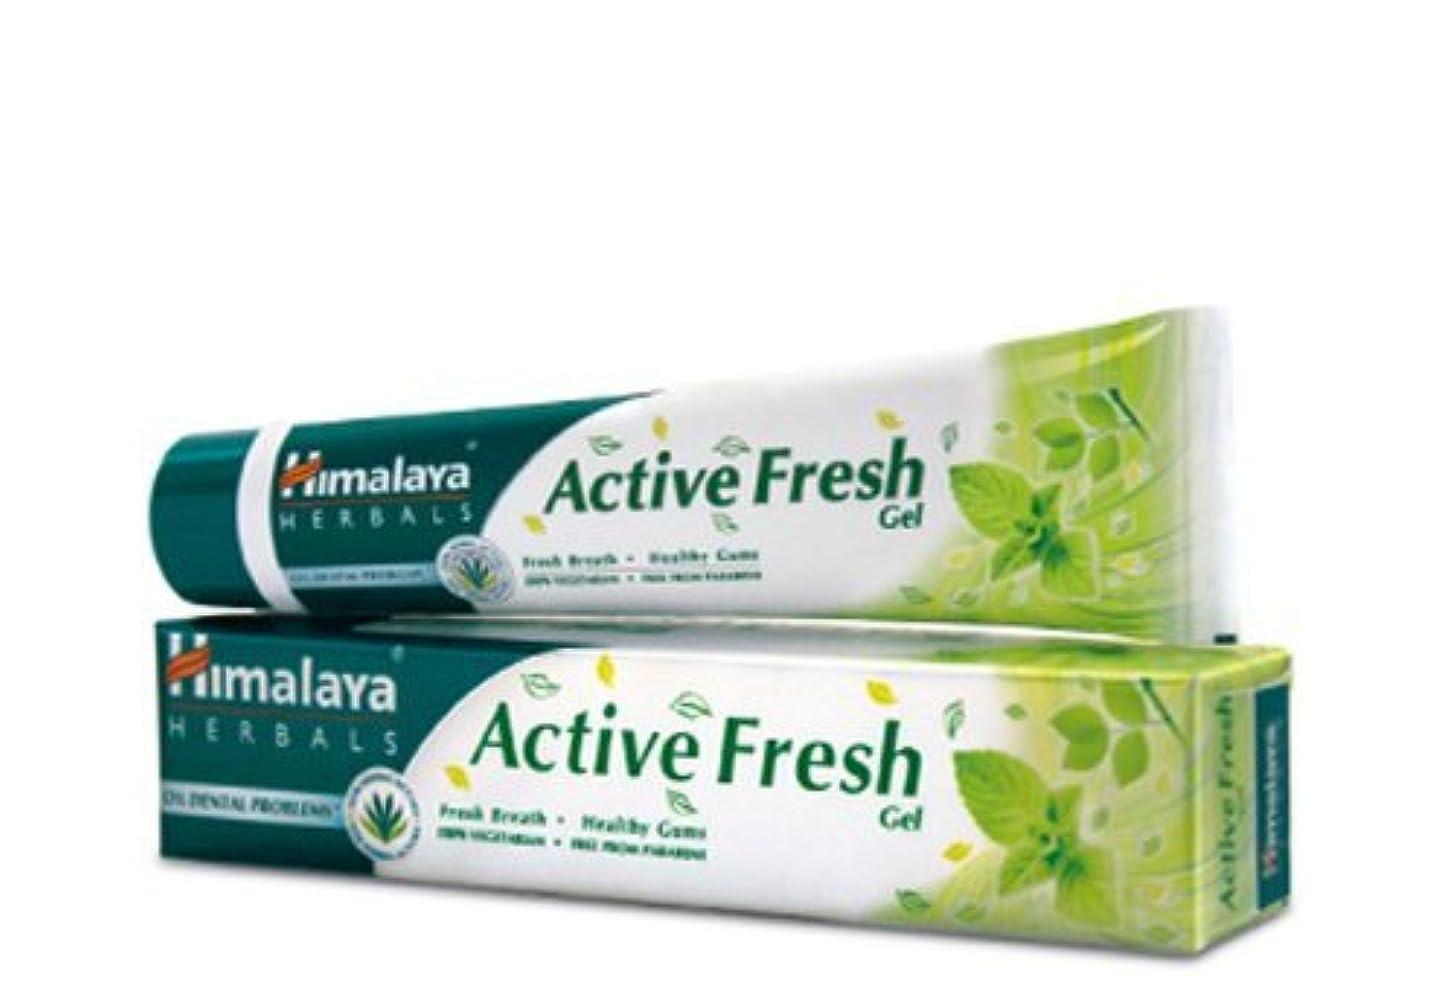 発言する到着性能ヒマラヤ トゥースペイスト アクティブ フレッシュ(歯磨き粉)80g Himalaya Active Fresh Toothpaste